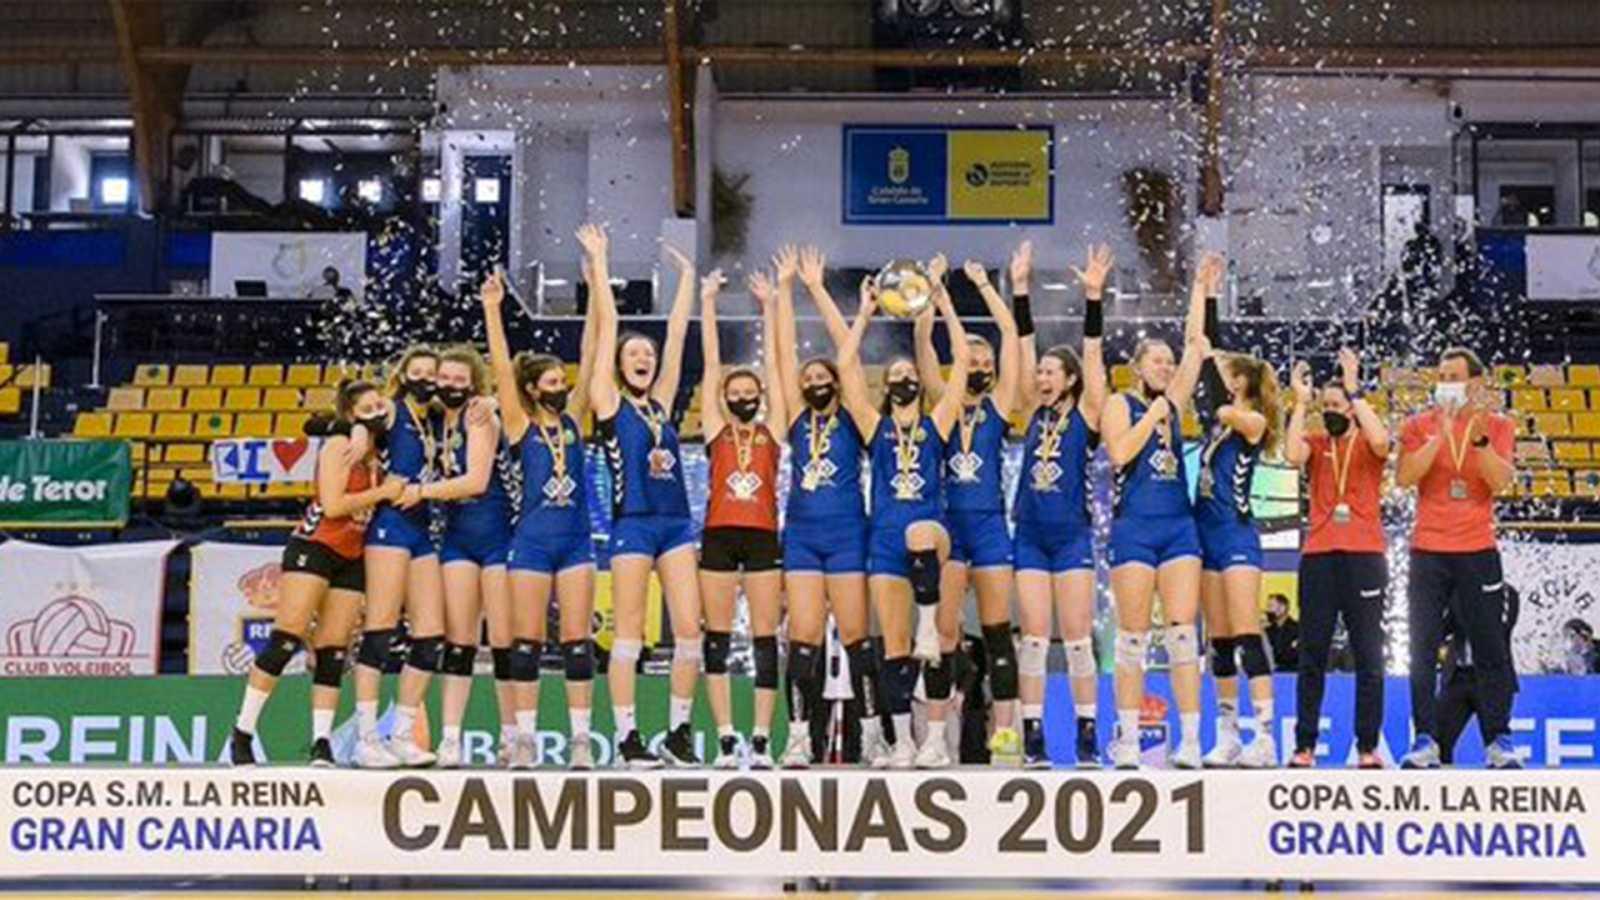 """Tablero deportivo - Ellas siempre ganan: """"Alcobendas campeonas de la Copa"""" - Escuchar ahora"""